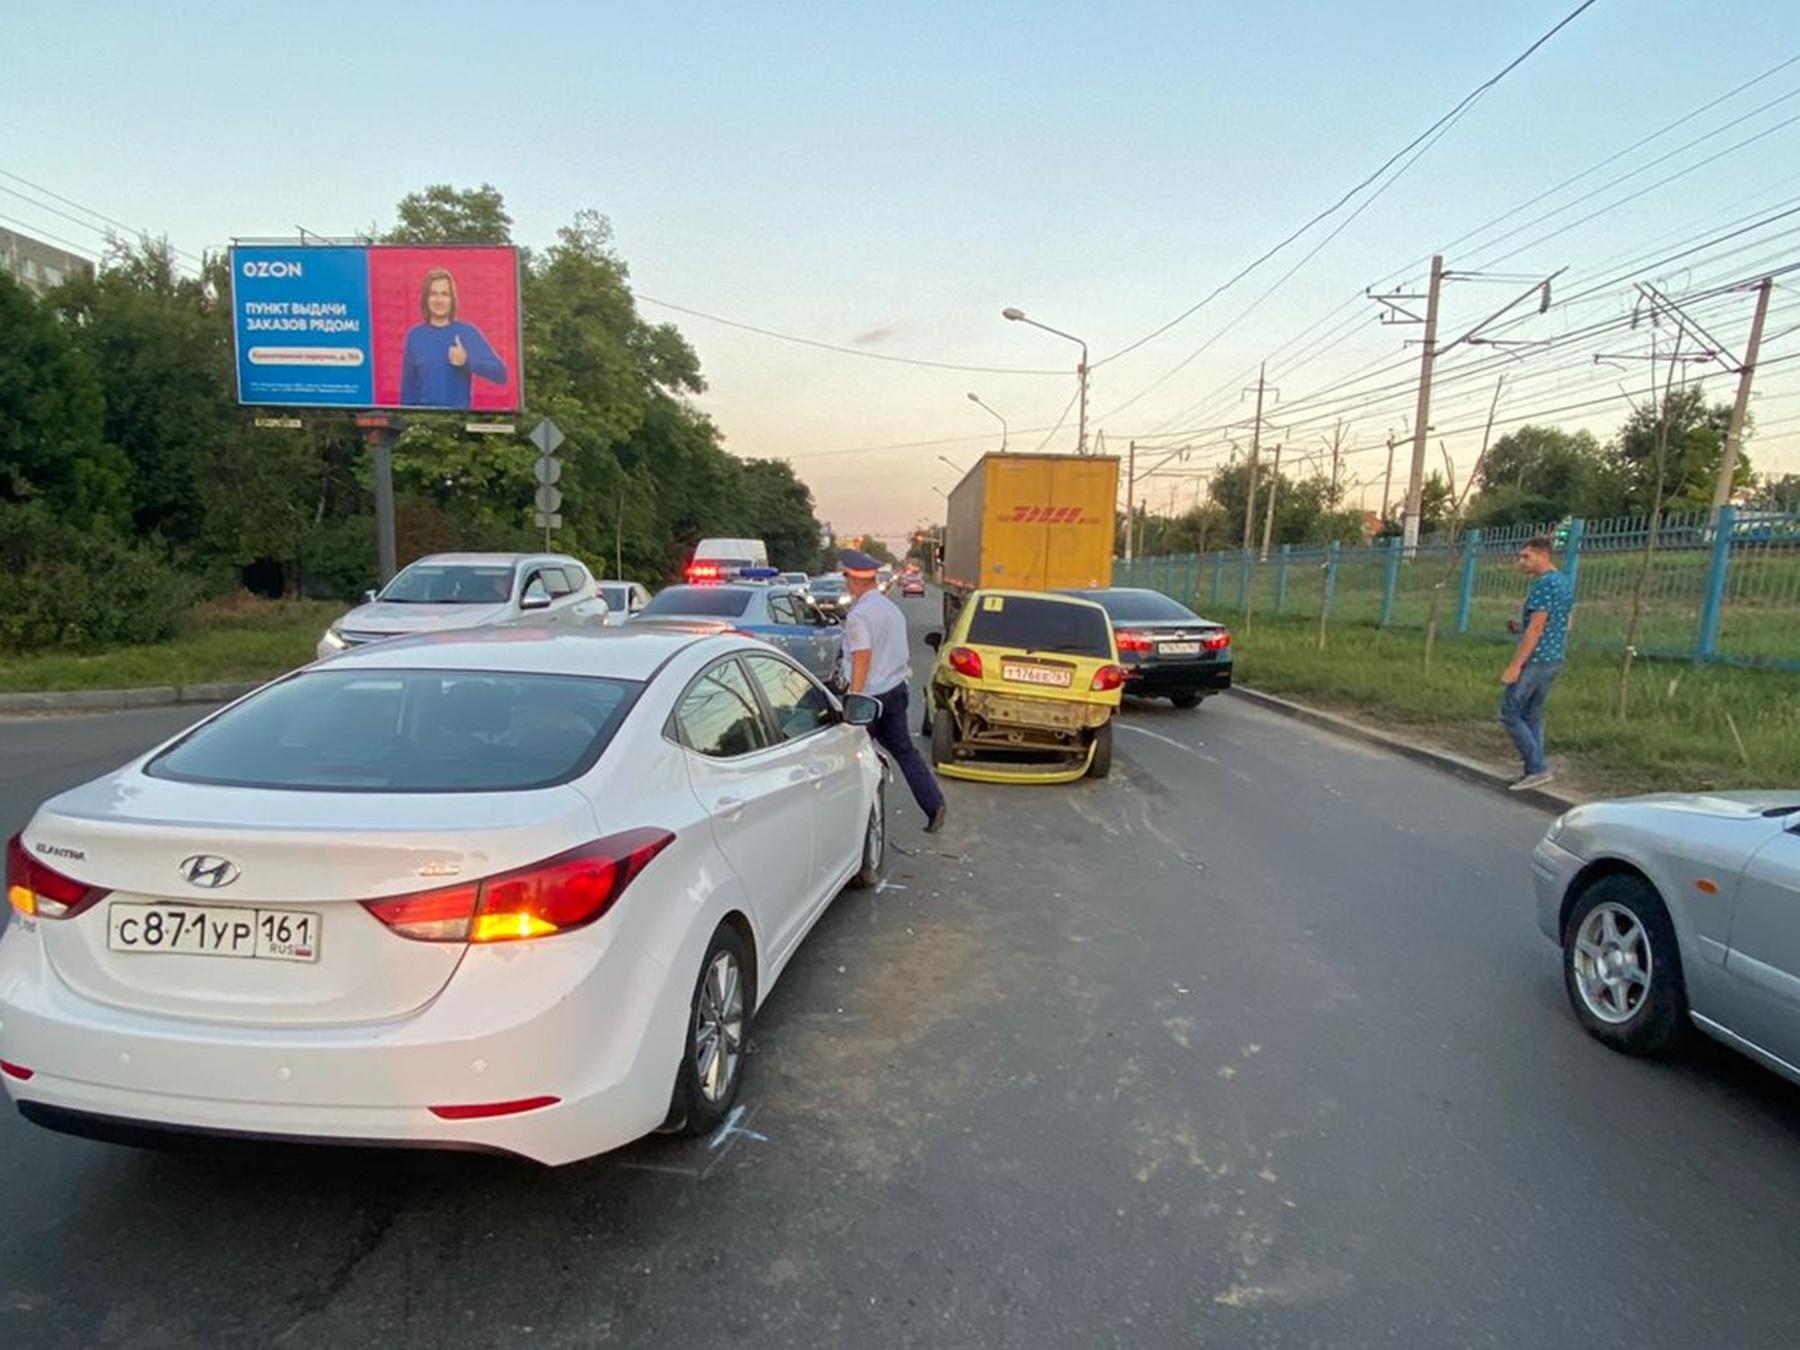 Небезопасная скорость и дистанция стала причиной массового ДТП в Ростове-на-Дону